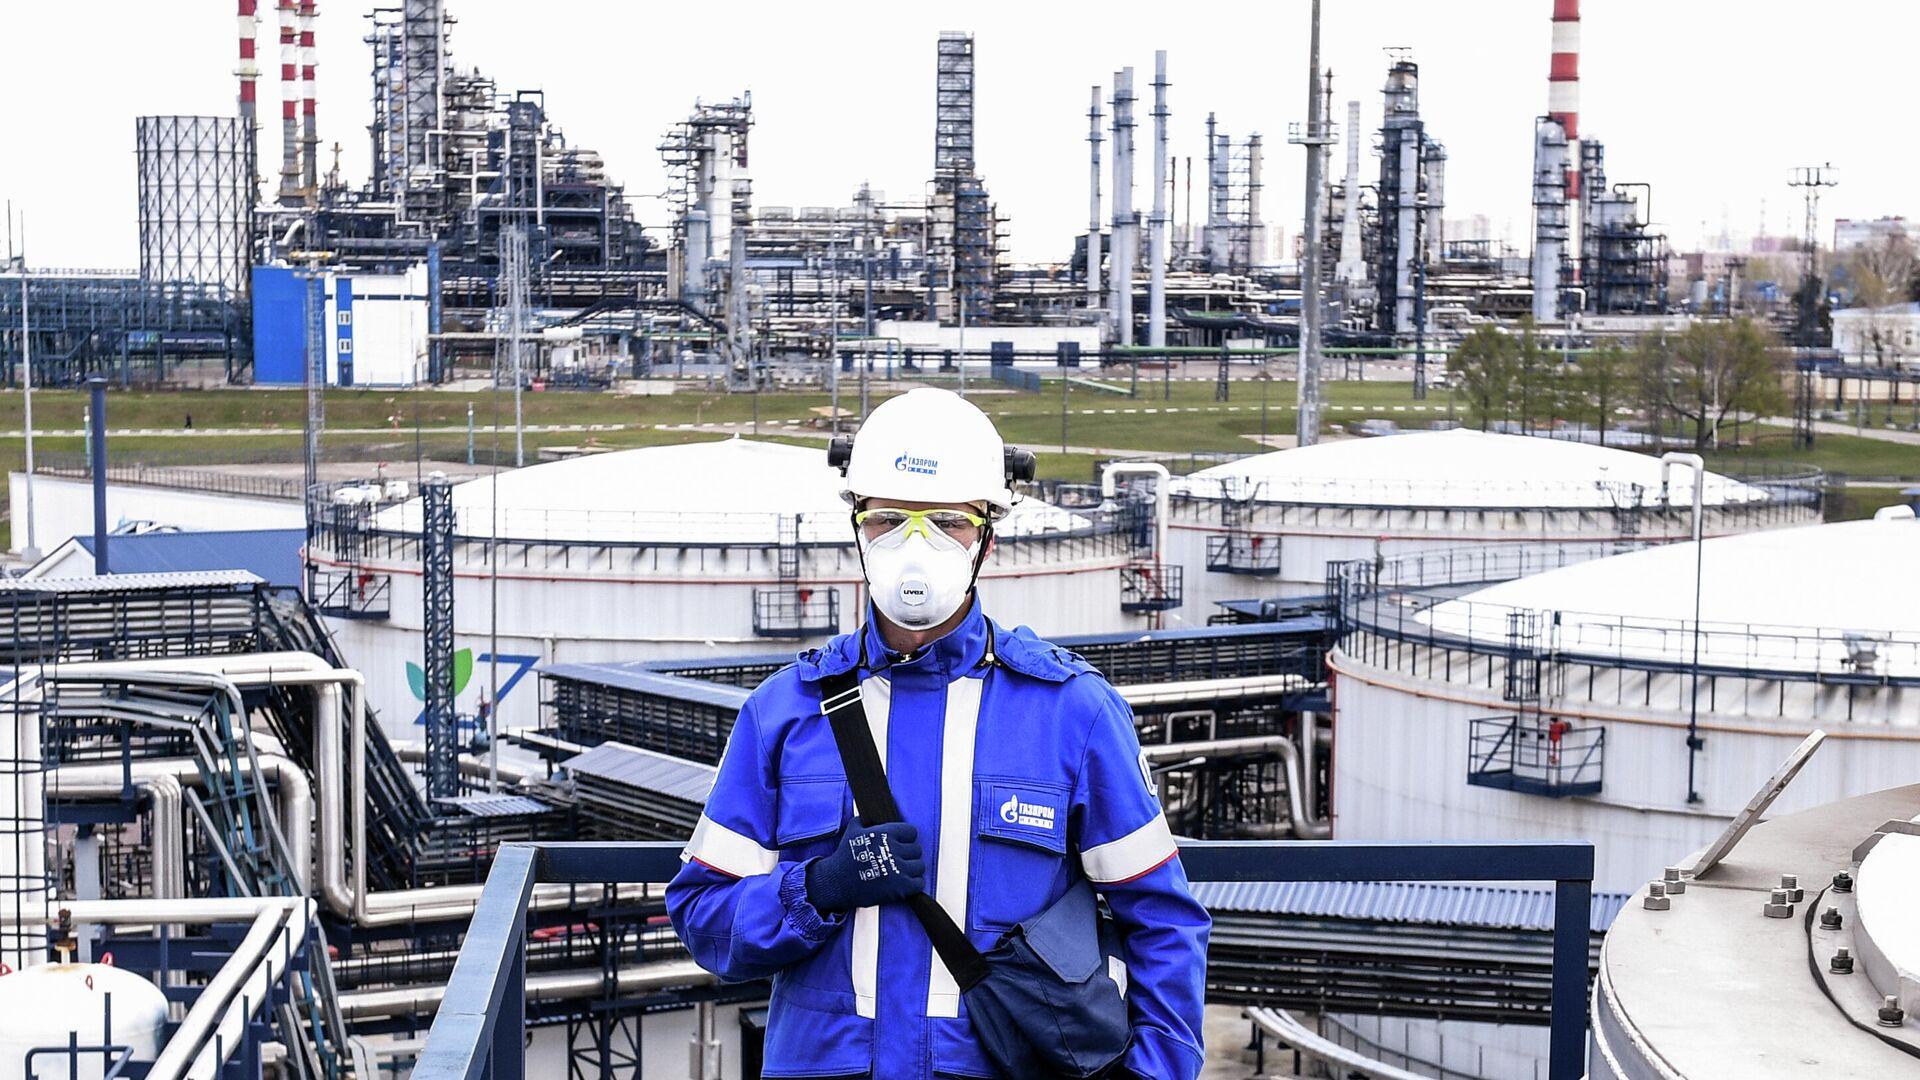 Оператор комплекса переработки нефти Евро+ Московского нефтеперерабатывающего завода  - РИА Новости, 1920, 20.10.2020